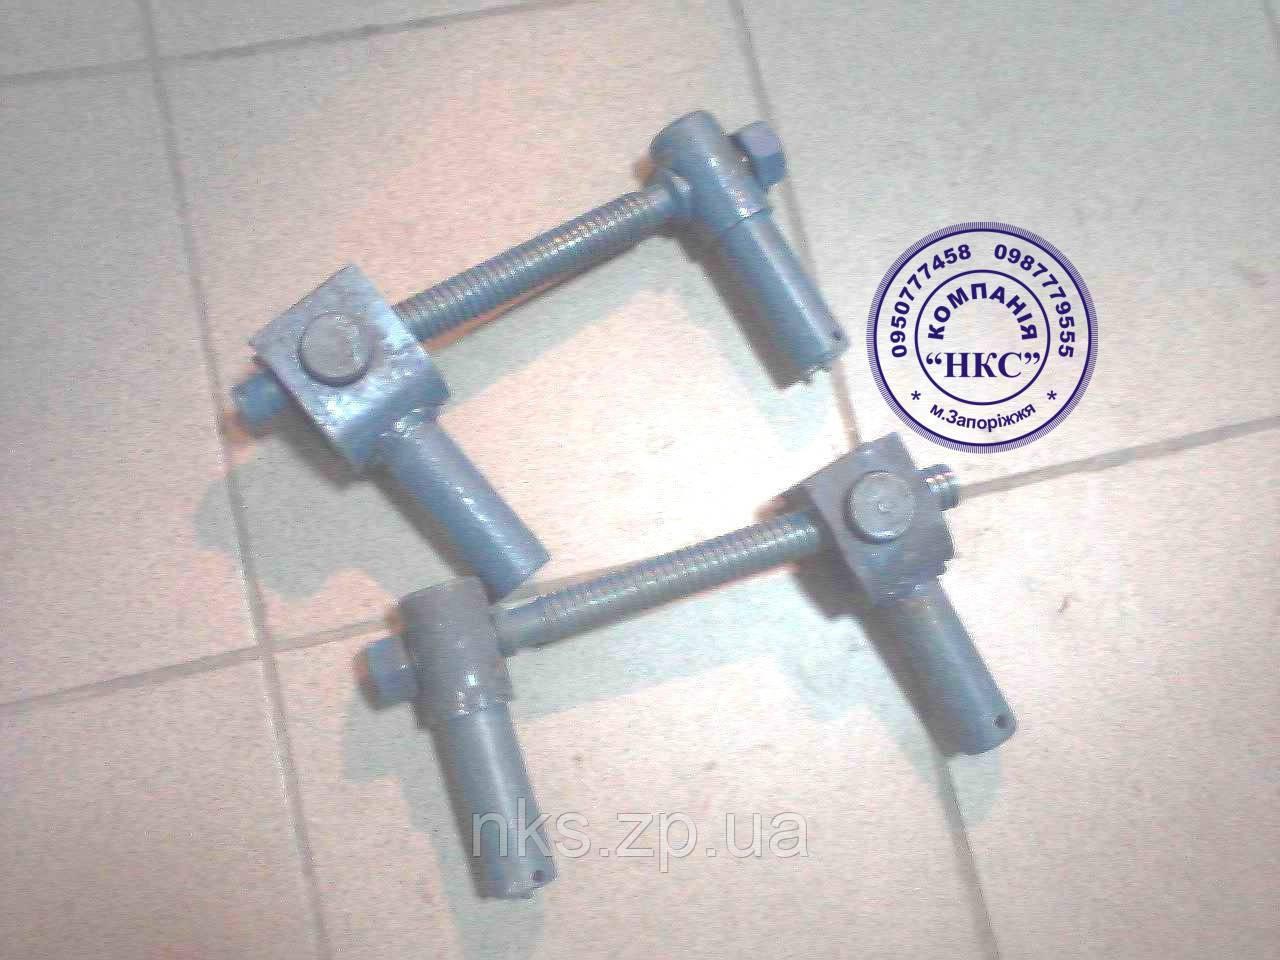 Механизм регулировки глубины КПС-4.